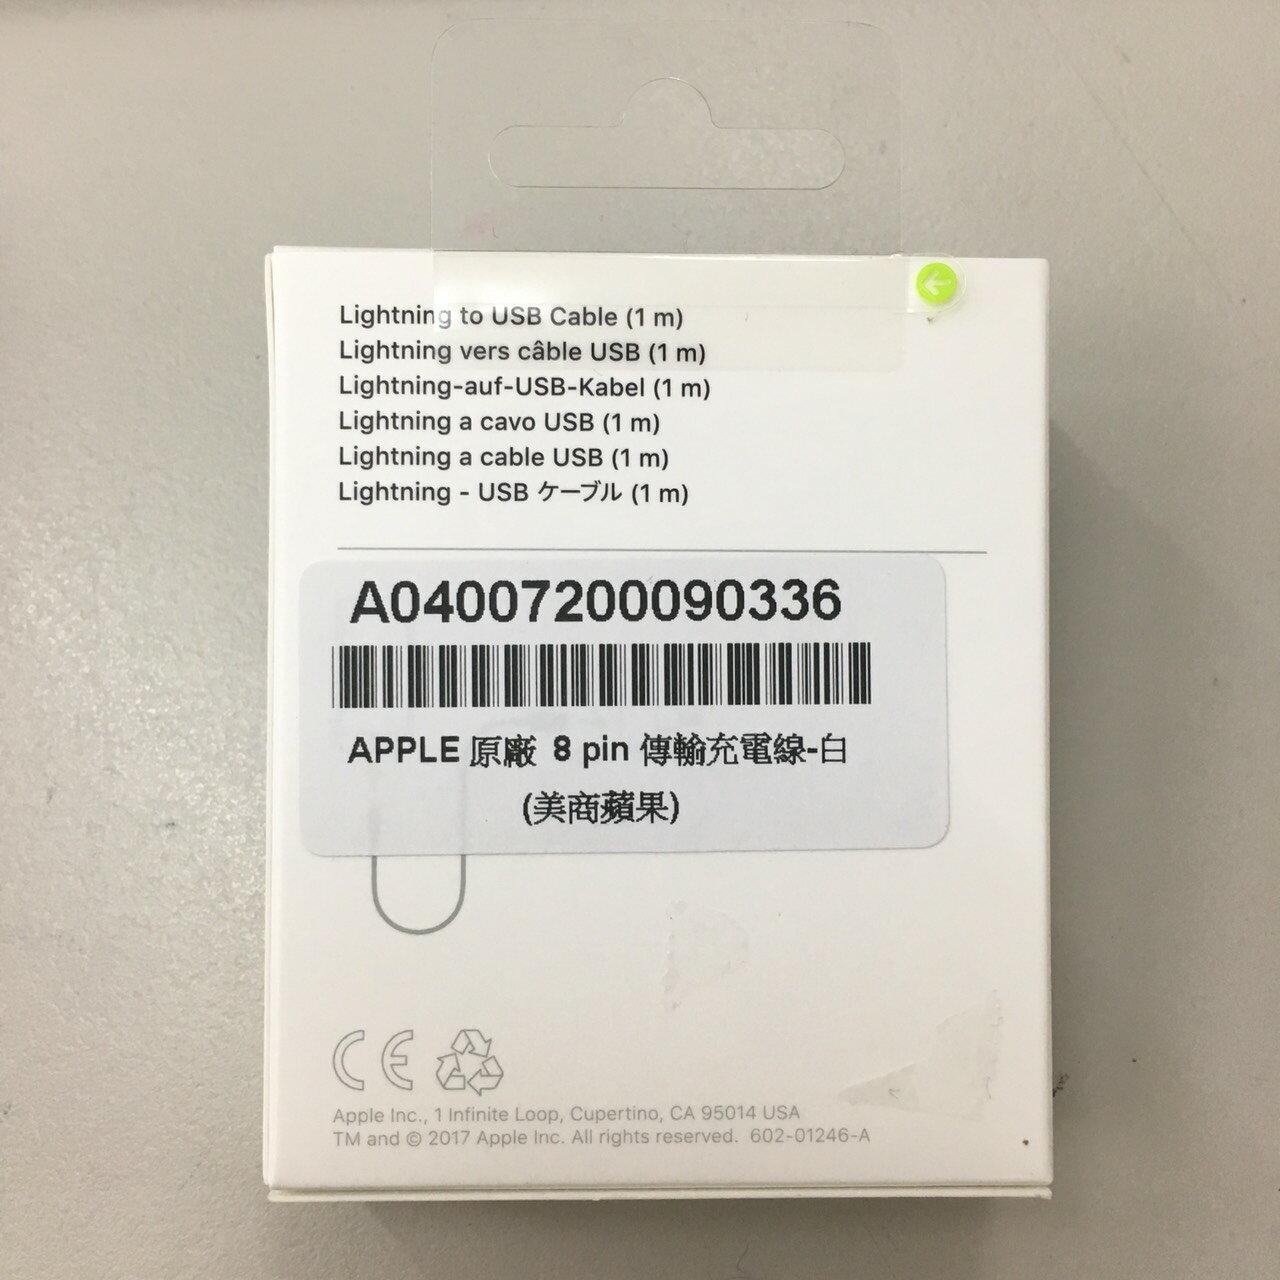 APPLE 原廠盒裝傳輸線 (台灣公司貨 / 台哥大 / 遠傳代理商保固) 2